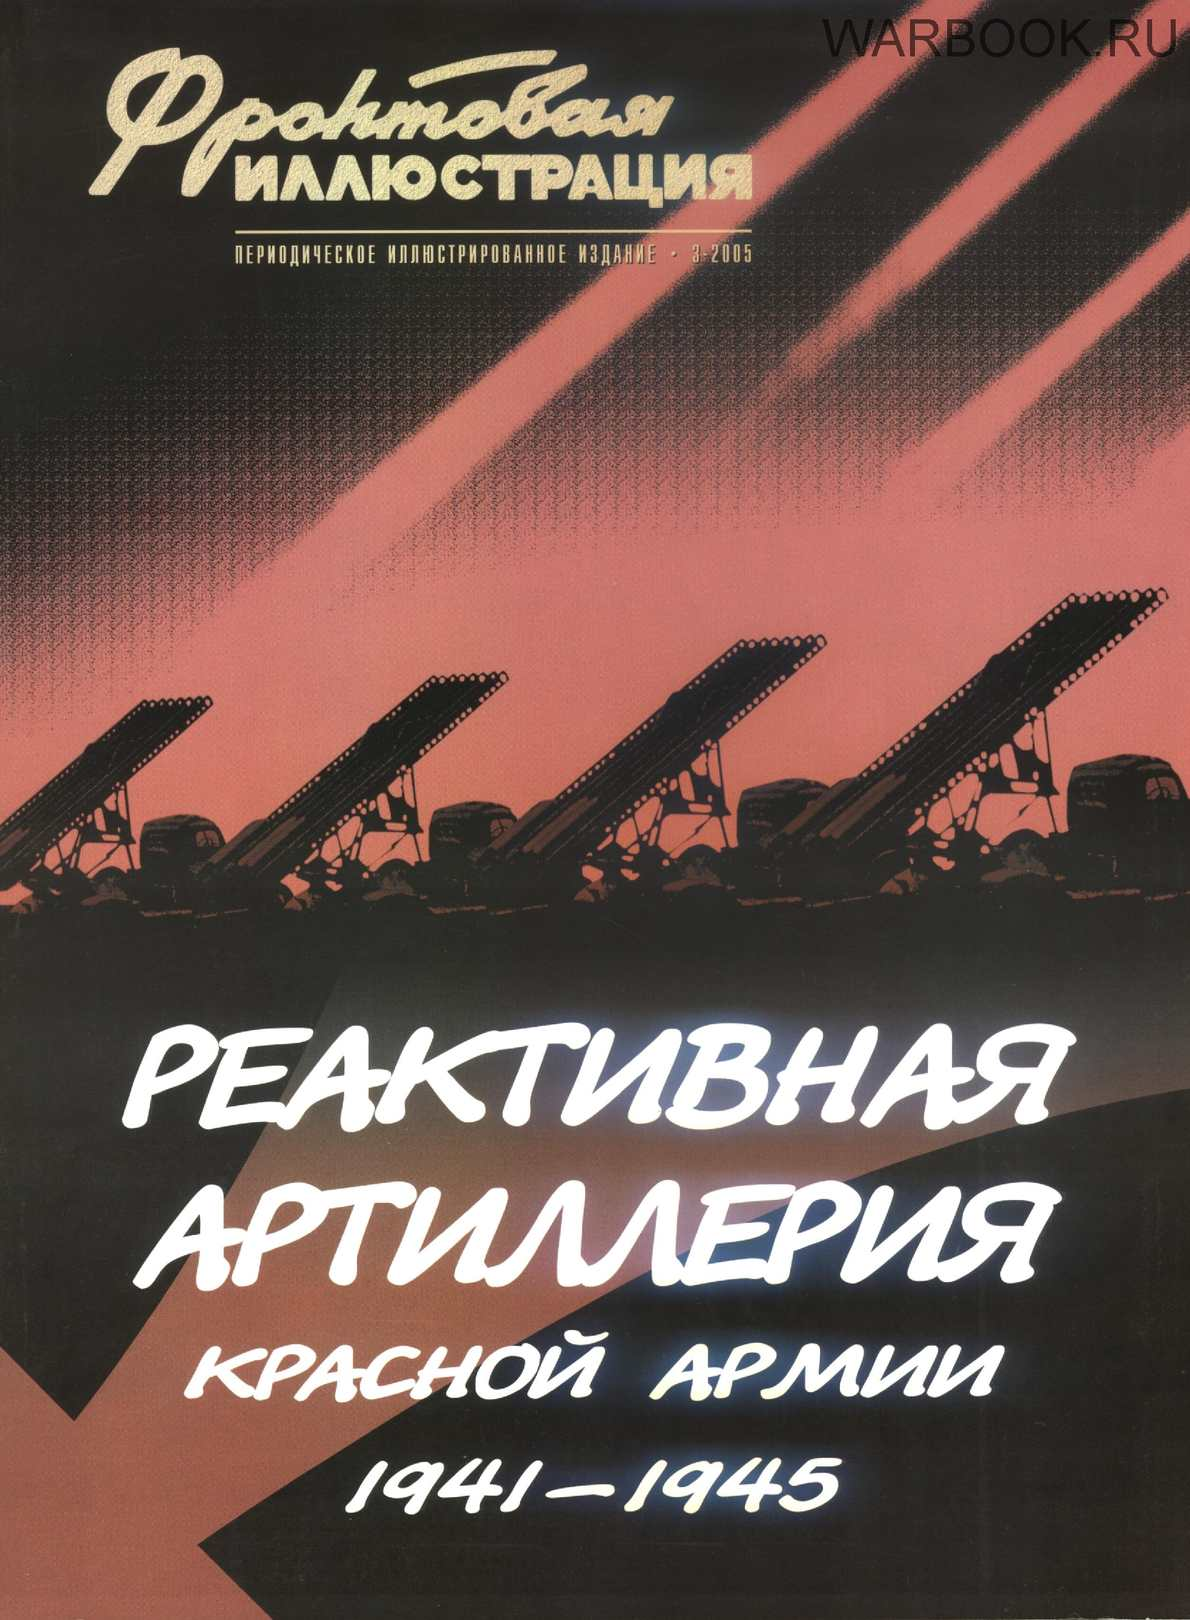 Фронтовая иллюстрация 2005 №3 - Реактивная артиллерия Красной Армии